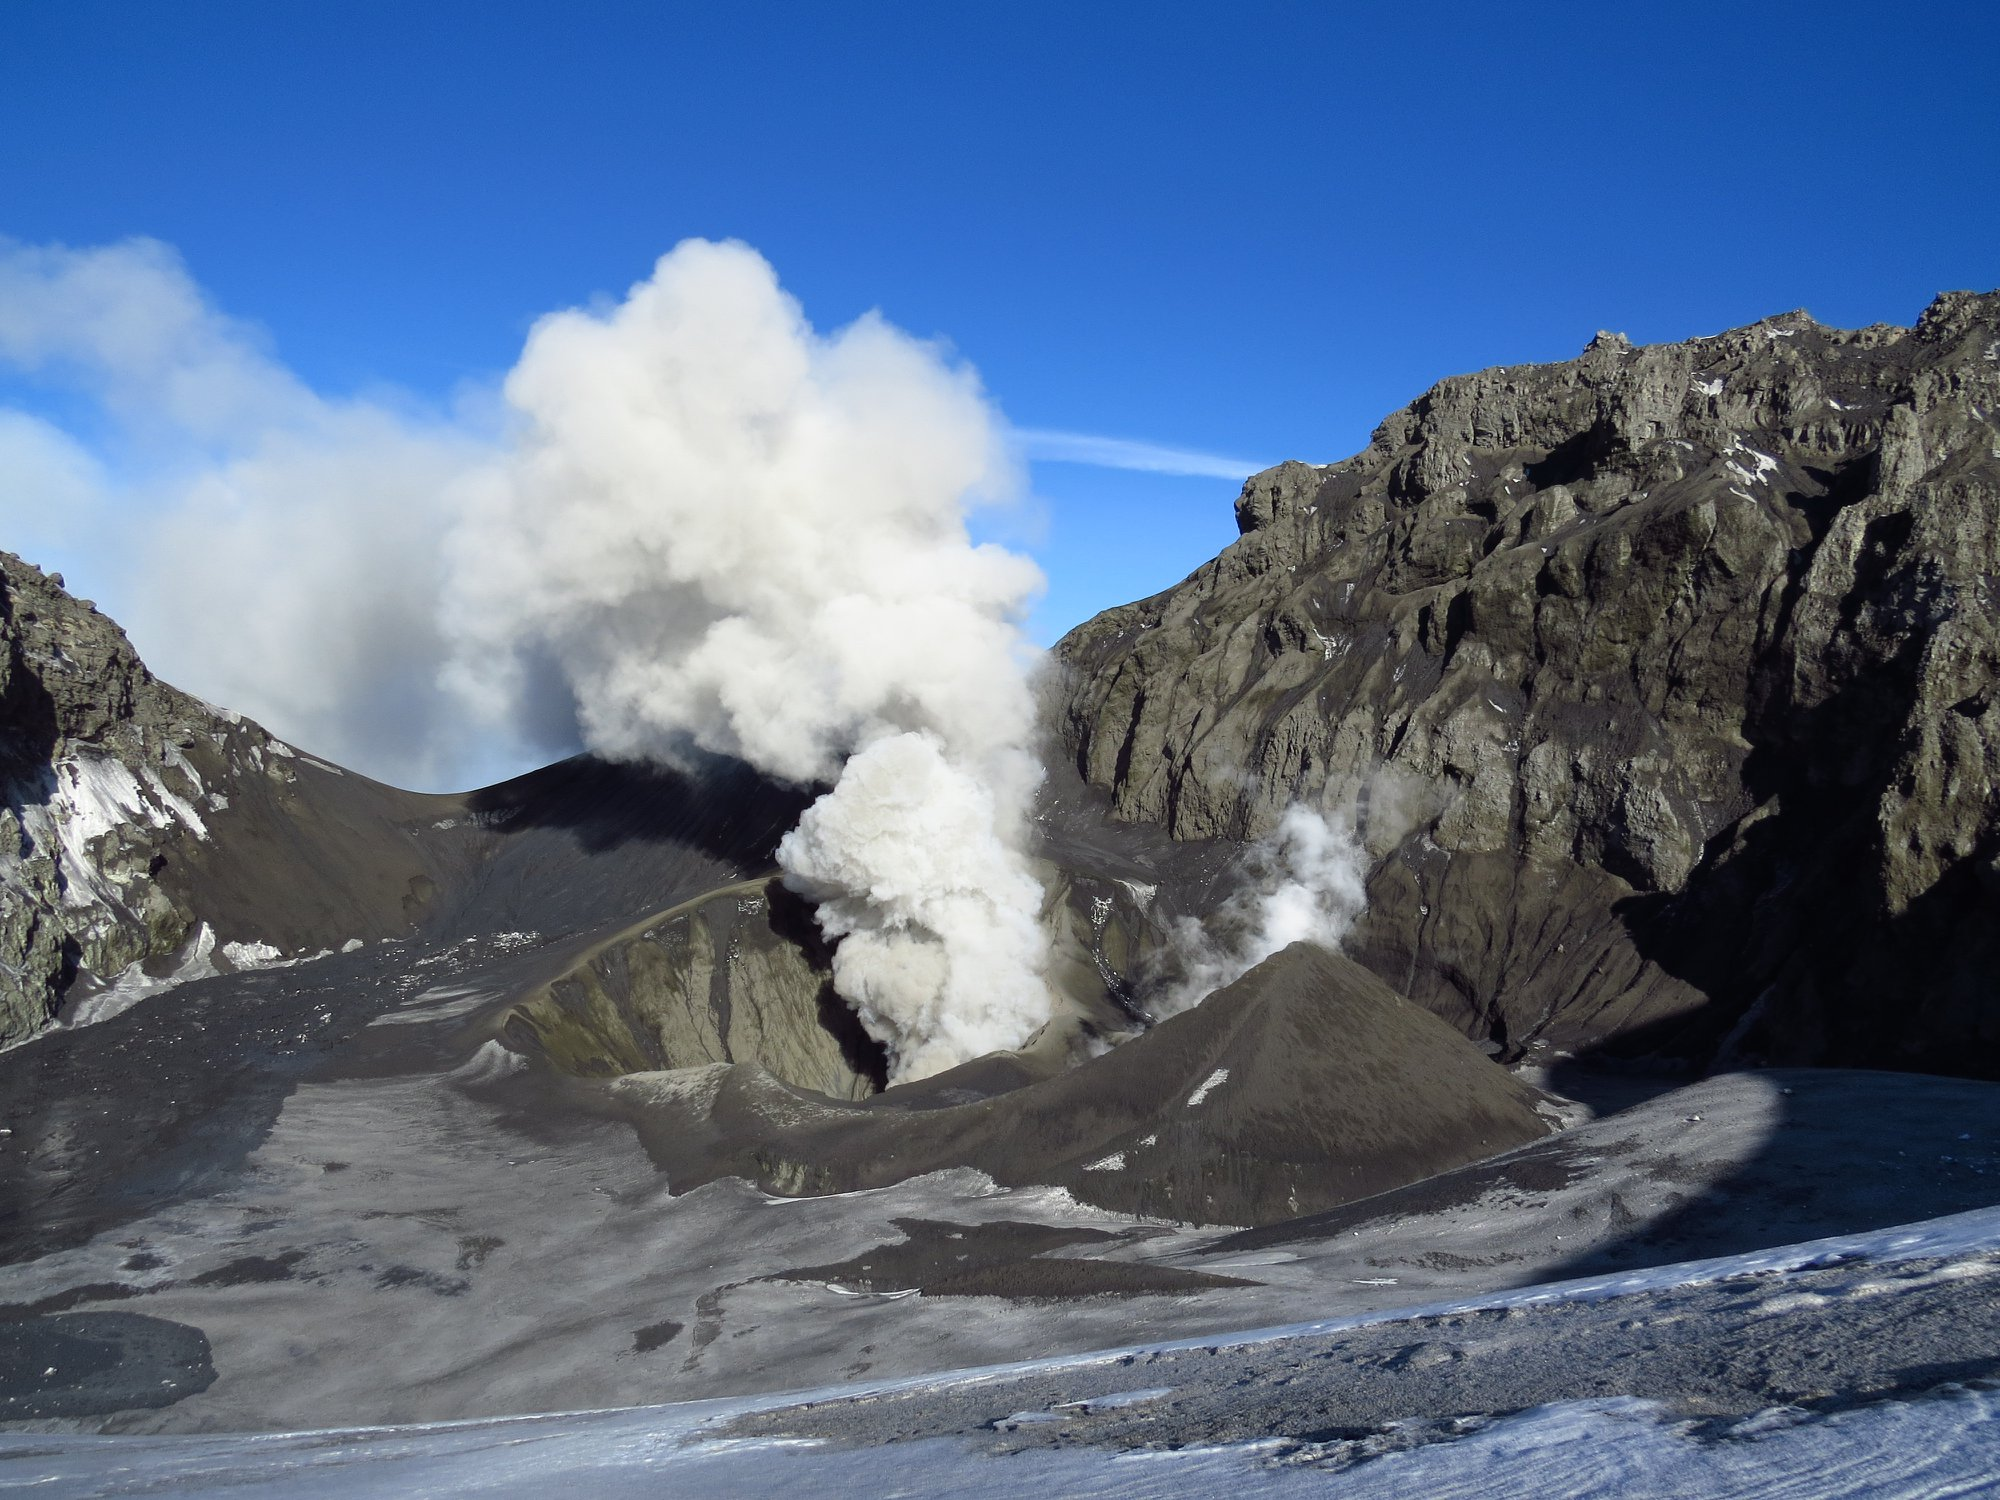 09 Septembre 2018. FR . Chili : Copahue , Colombie : Cumbal , Hawai : Kilauea , Hawai : Mauna Loa , Guatemala : Fuego .